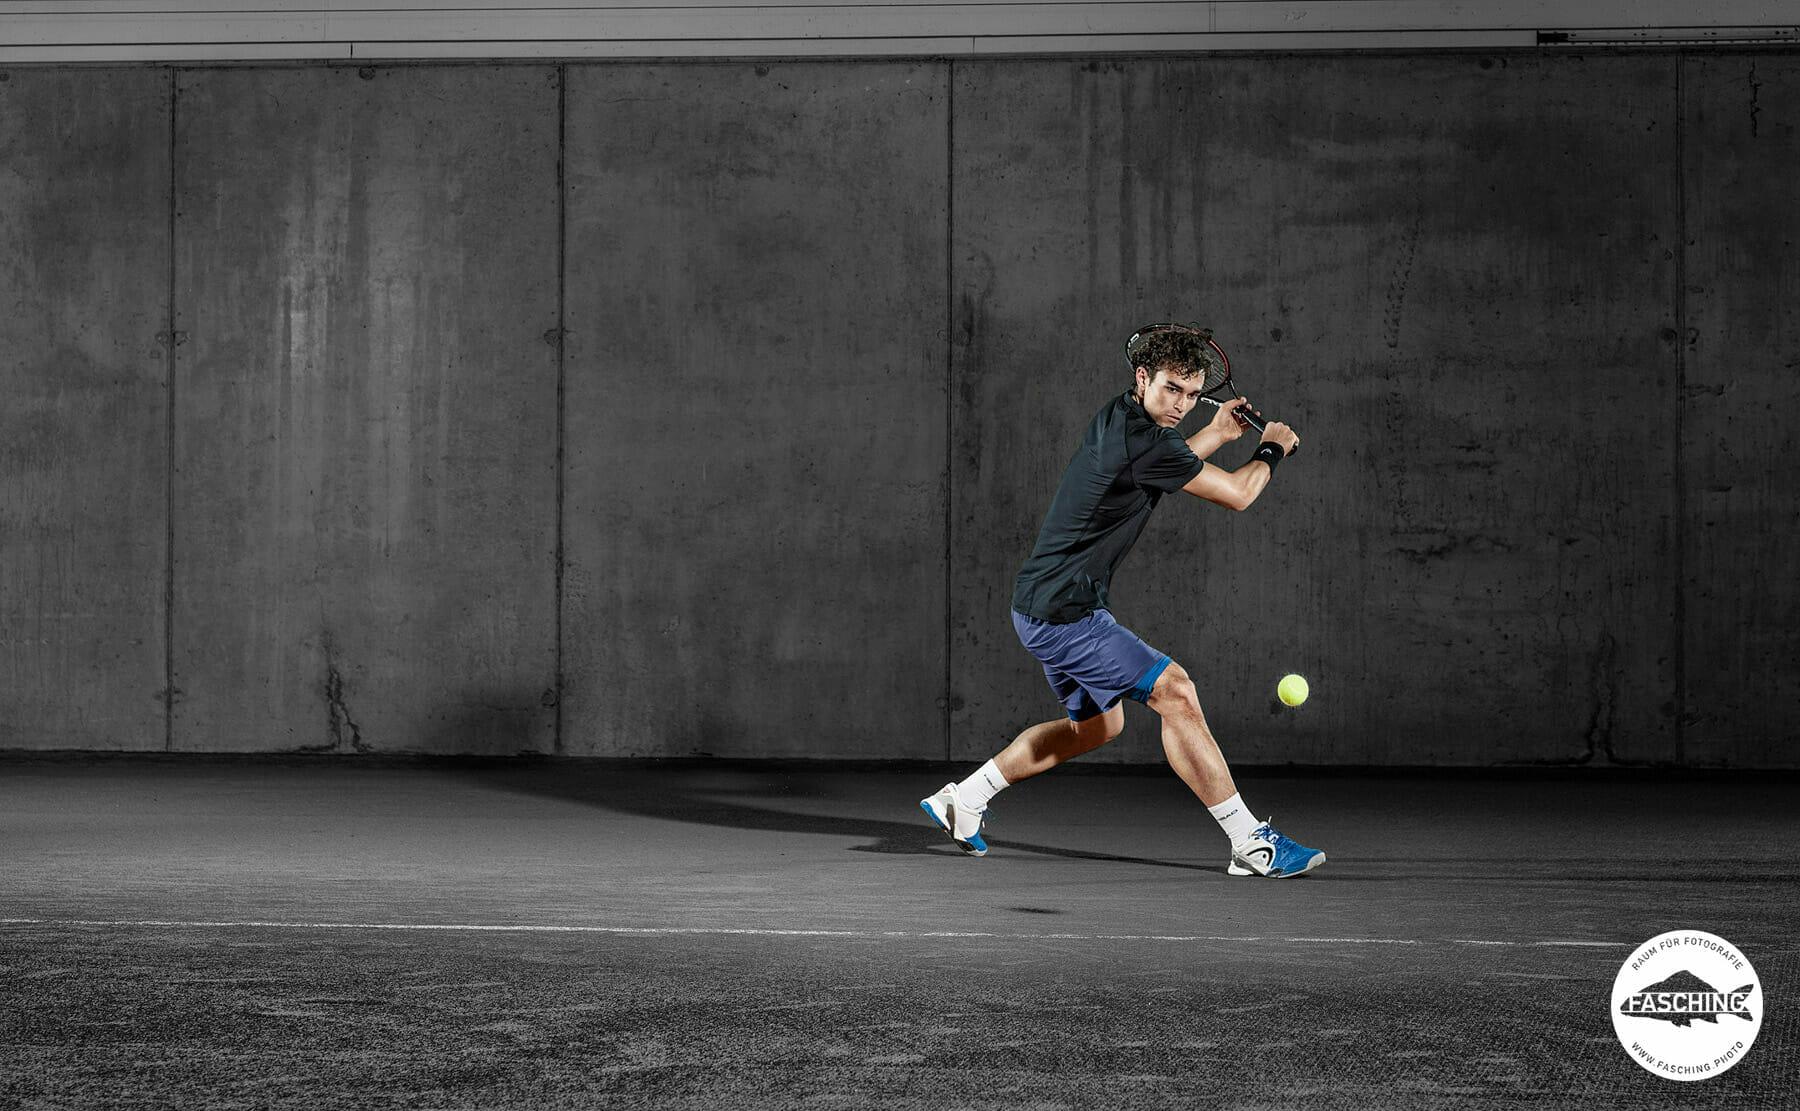 Luca Fasching fotografierte die Head Sportswear Sommer Kollektion